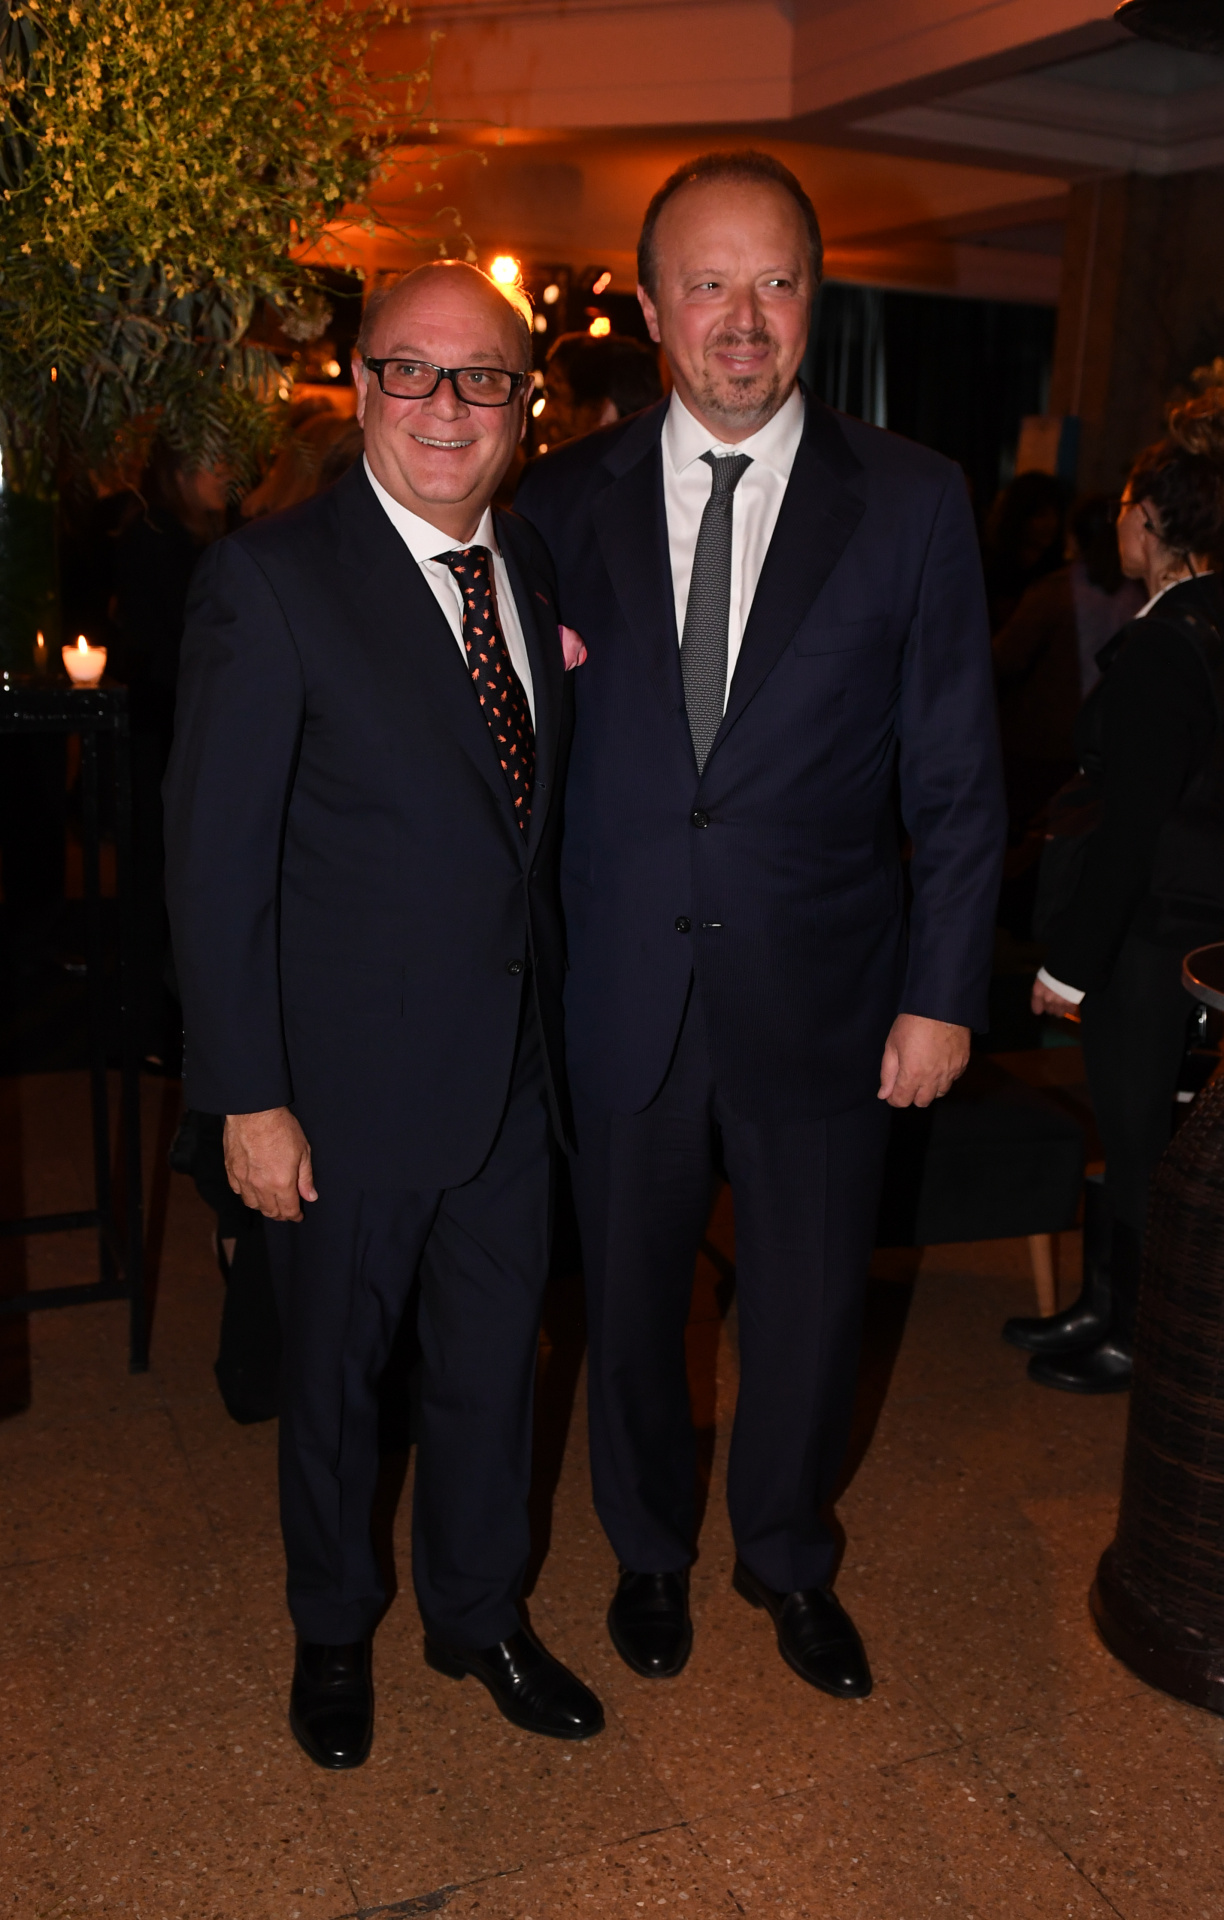 El empresario Martín Cabrales y el presidente del Banco de Valores, Juan Nápoli